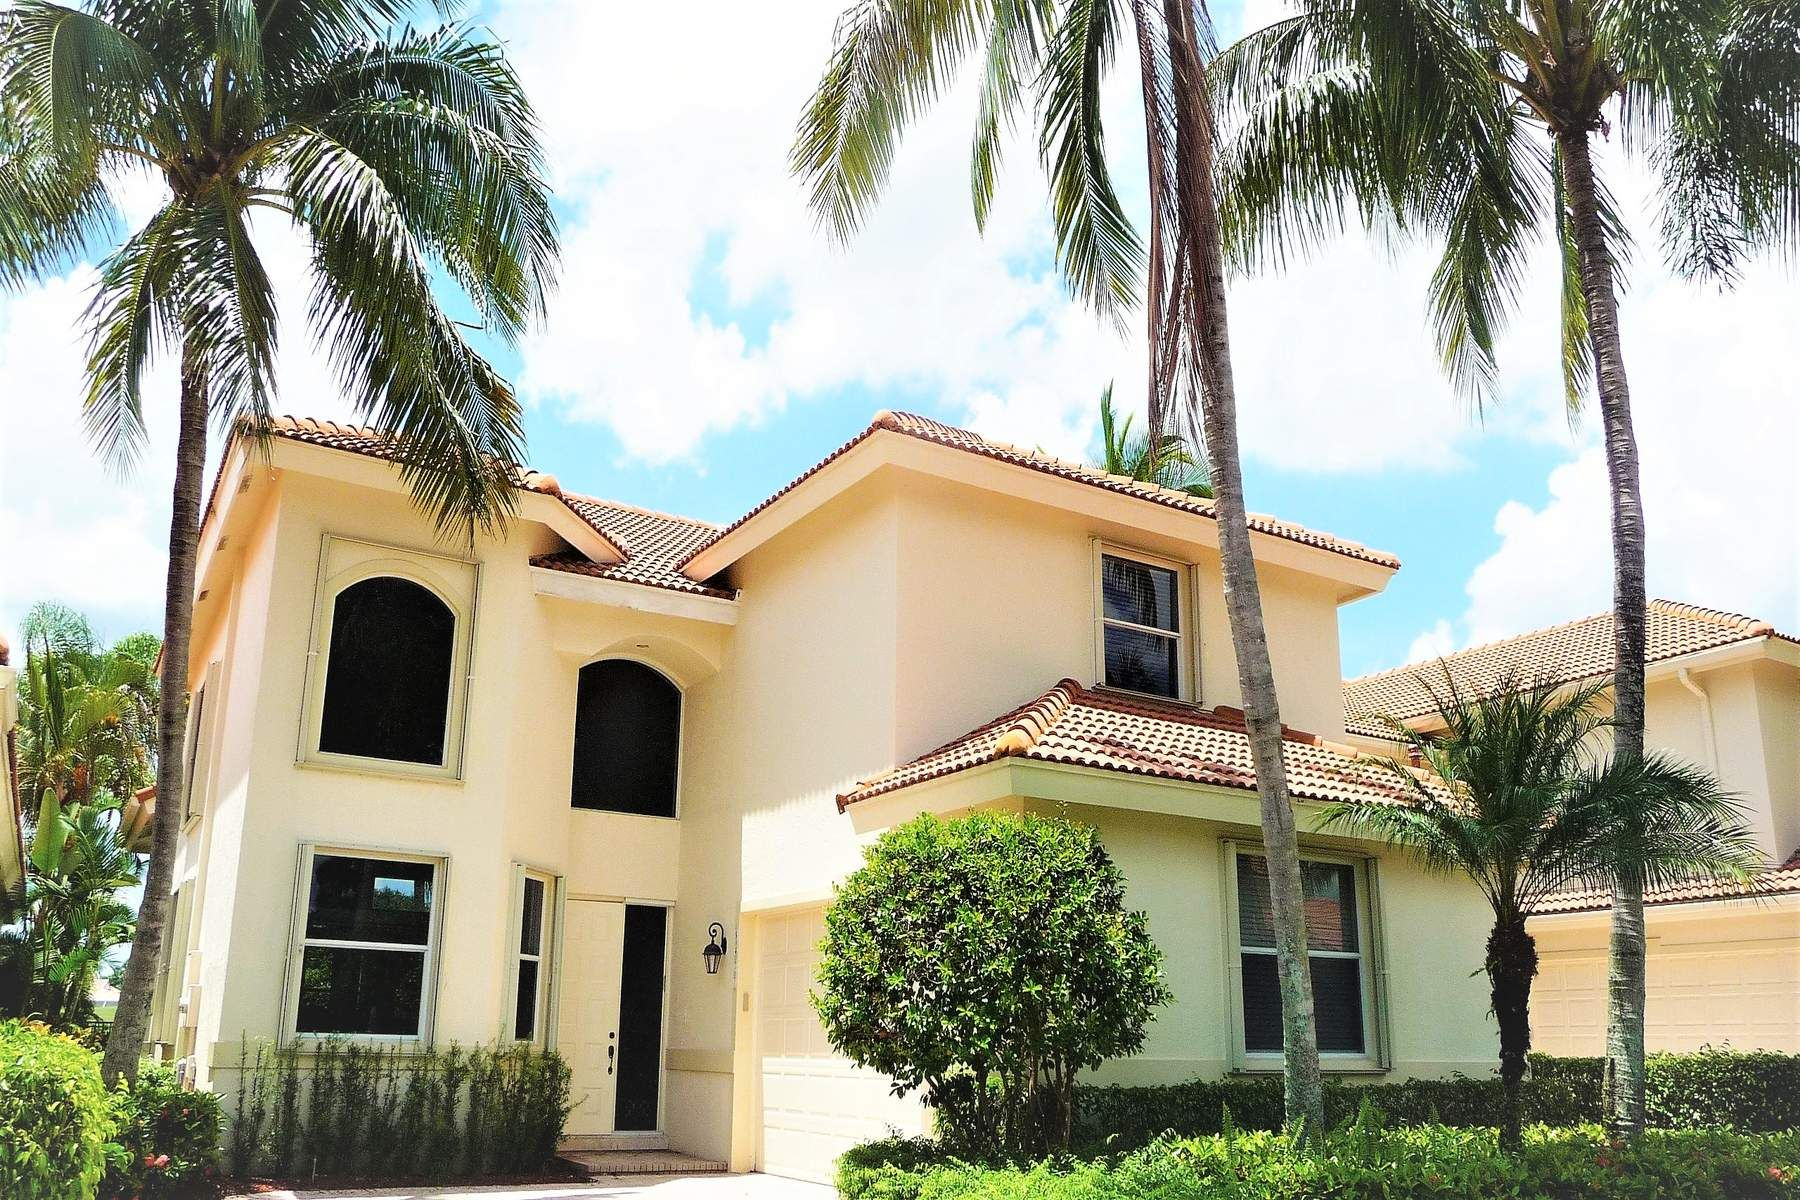 단독 가정 주택 용 매매 에 8477 Legend Club Dr West Palm Beach, 플로리다, 33412 미국